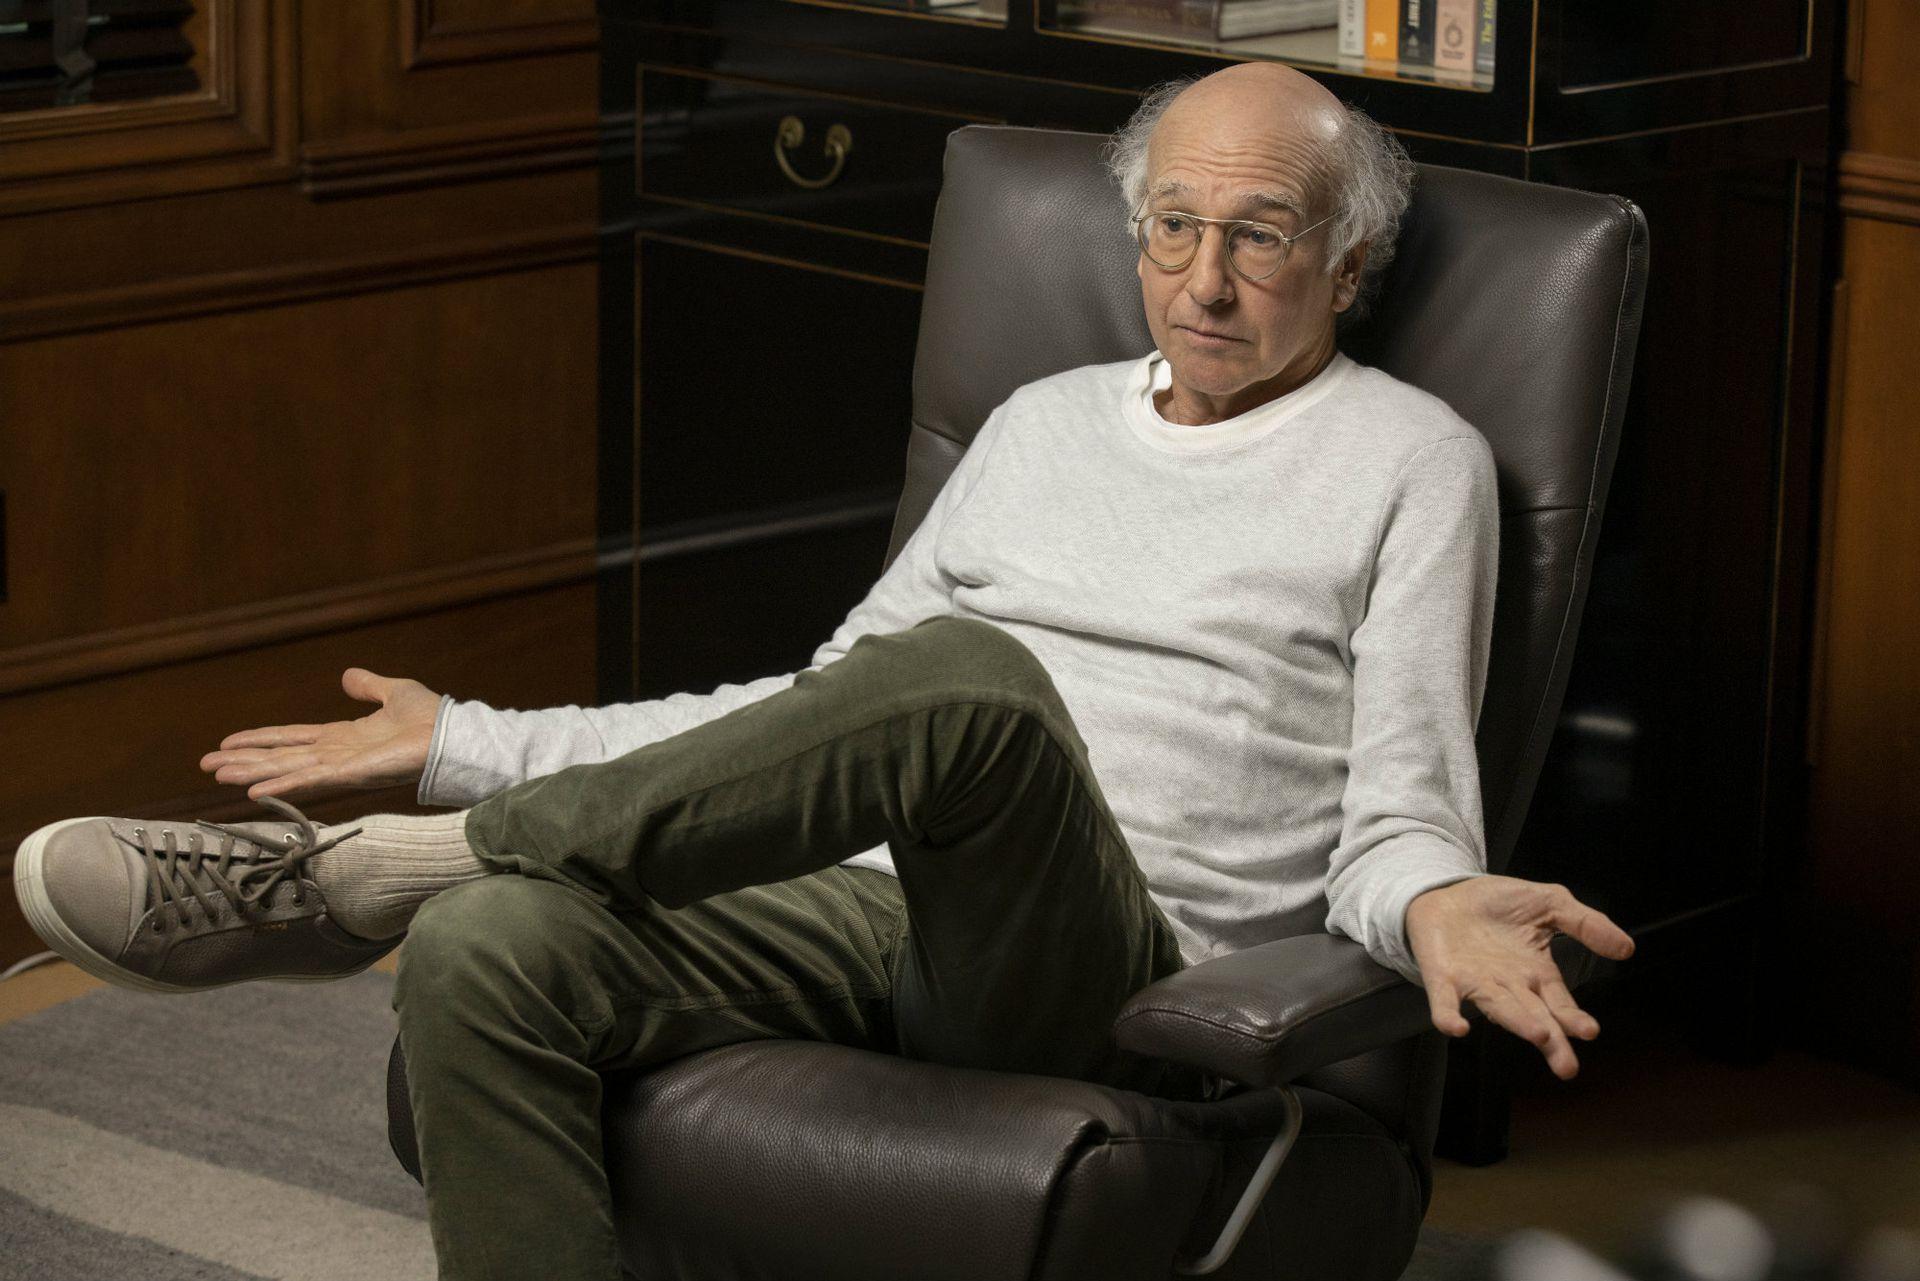 Larry David interpreta a una versión algo más cáustica de sí mismo en Curb Your Enthusiasm, que lleva 20 años en la pantalla de HBO